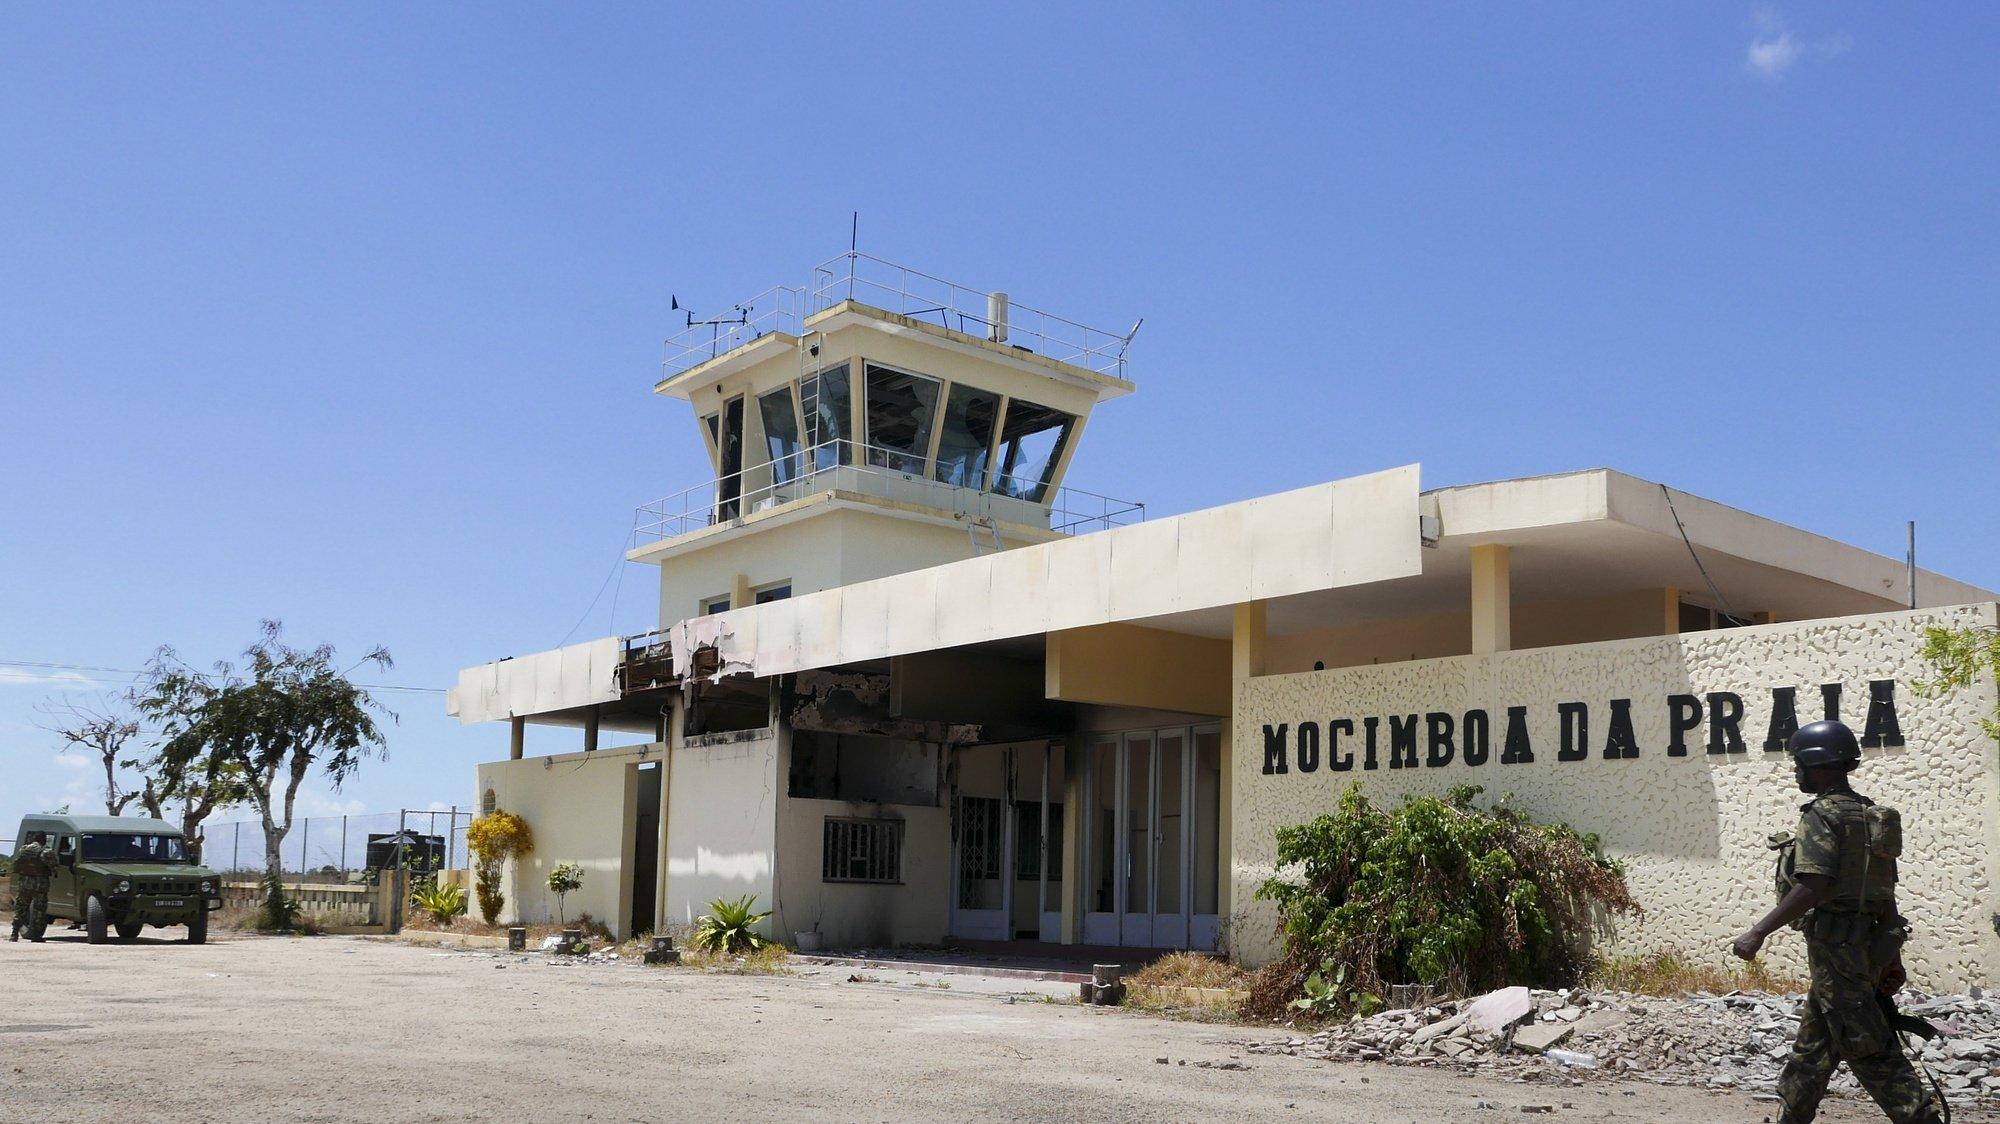 Aeroporto de Mocímboa da Praia destruído após a insurgência em Cabo Delgado, província do norte de Moçambique, Mocimboa da Praia, Cabo Delgado, Moçambique, 9 de setembro de 2021. Grupos rebeldes ocuparam a vila durante um ano, até ao início de agosto, e deixaram-na deserta e gravemente danificada. Uma comitiva da empresa Eletricidade de Moçambique e do Governo moçambicano liderada pelo ministro dos Recursos Minerais e Energia, Max Tonela, visitou hoje zonas libertadas do conflito armado em Cabo Delgado para avaliar danos e estudar reparações. Foi a primeira visita governamental a passar por Mocímboa da Praia desde a reconquista. LUIS MIGUEL FONSECA / LUSA